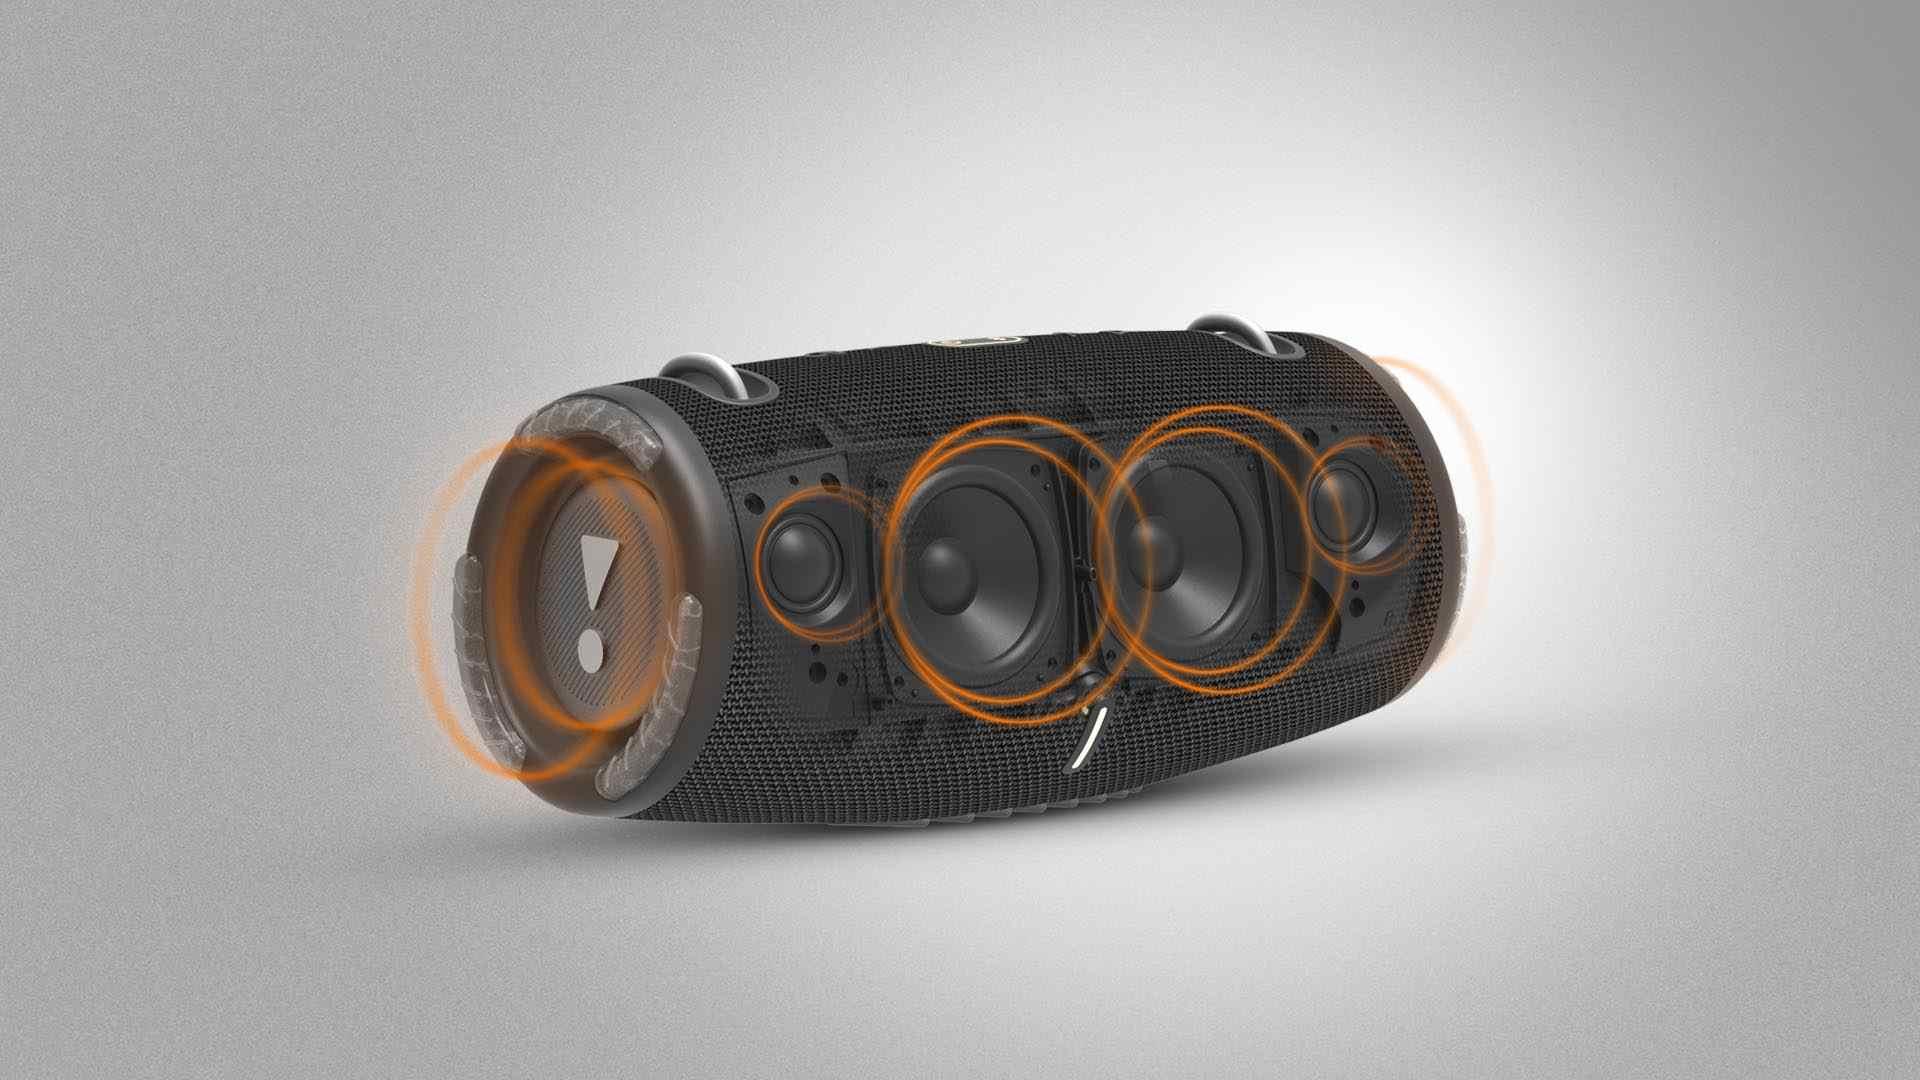 Imagem mostra JBL Xtreme 3 com foco nos woofers